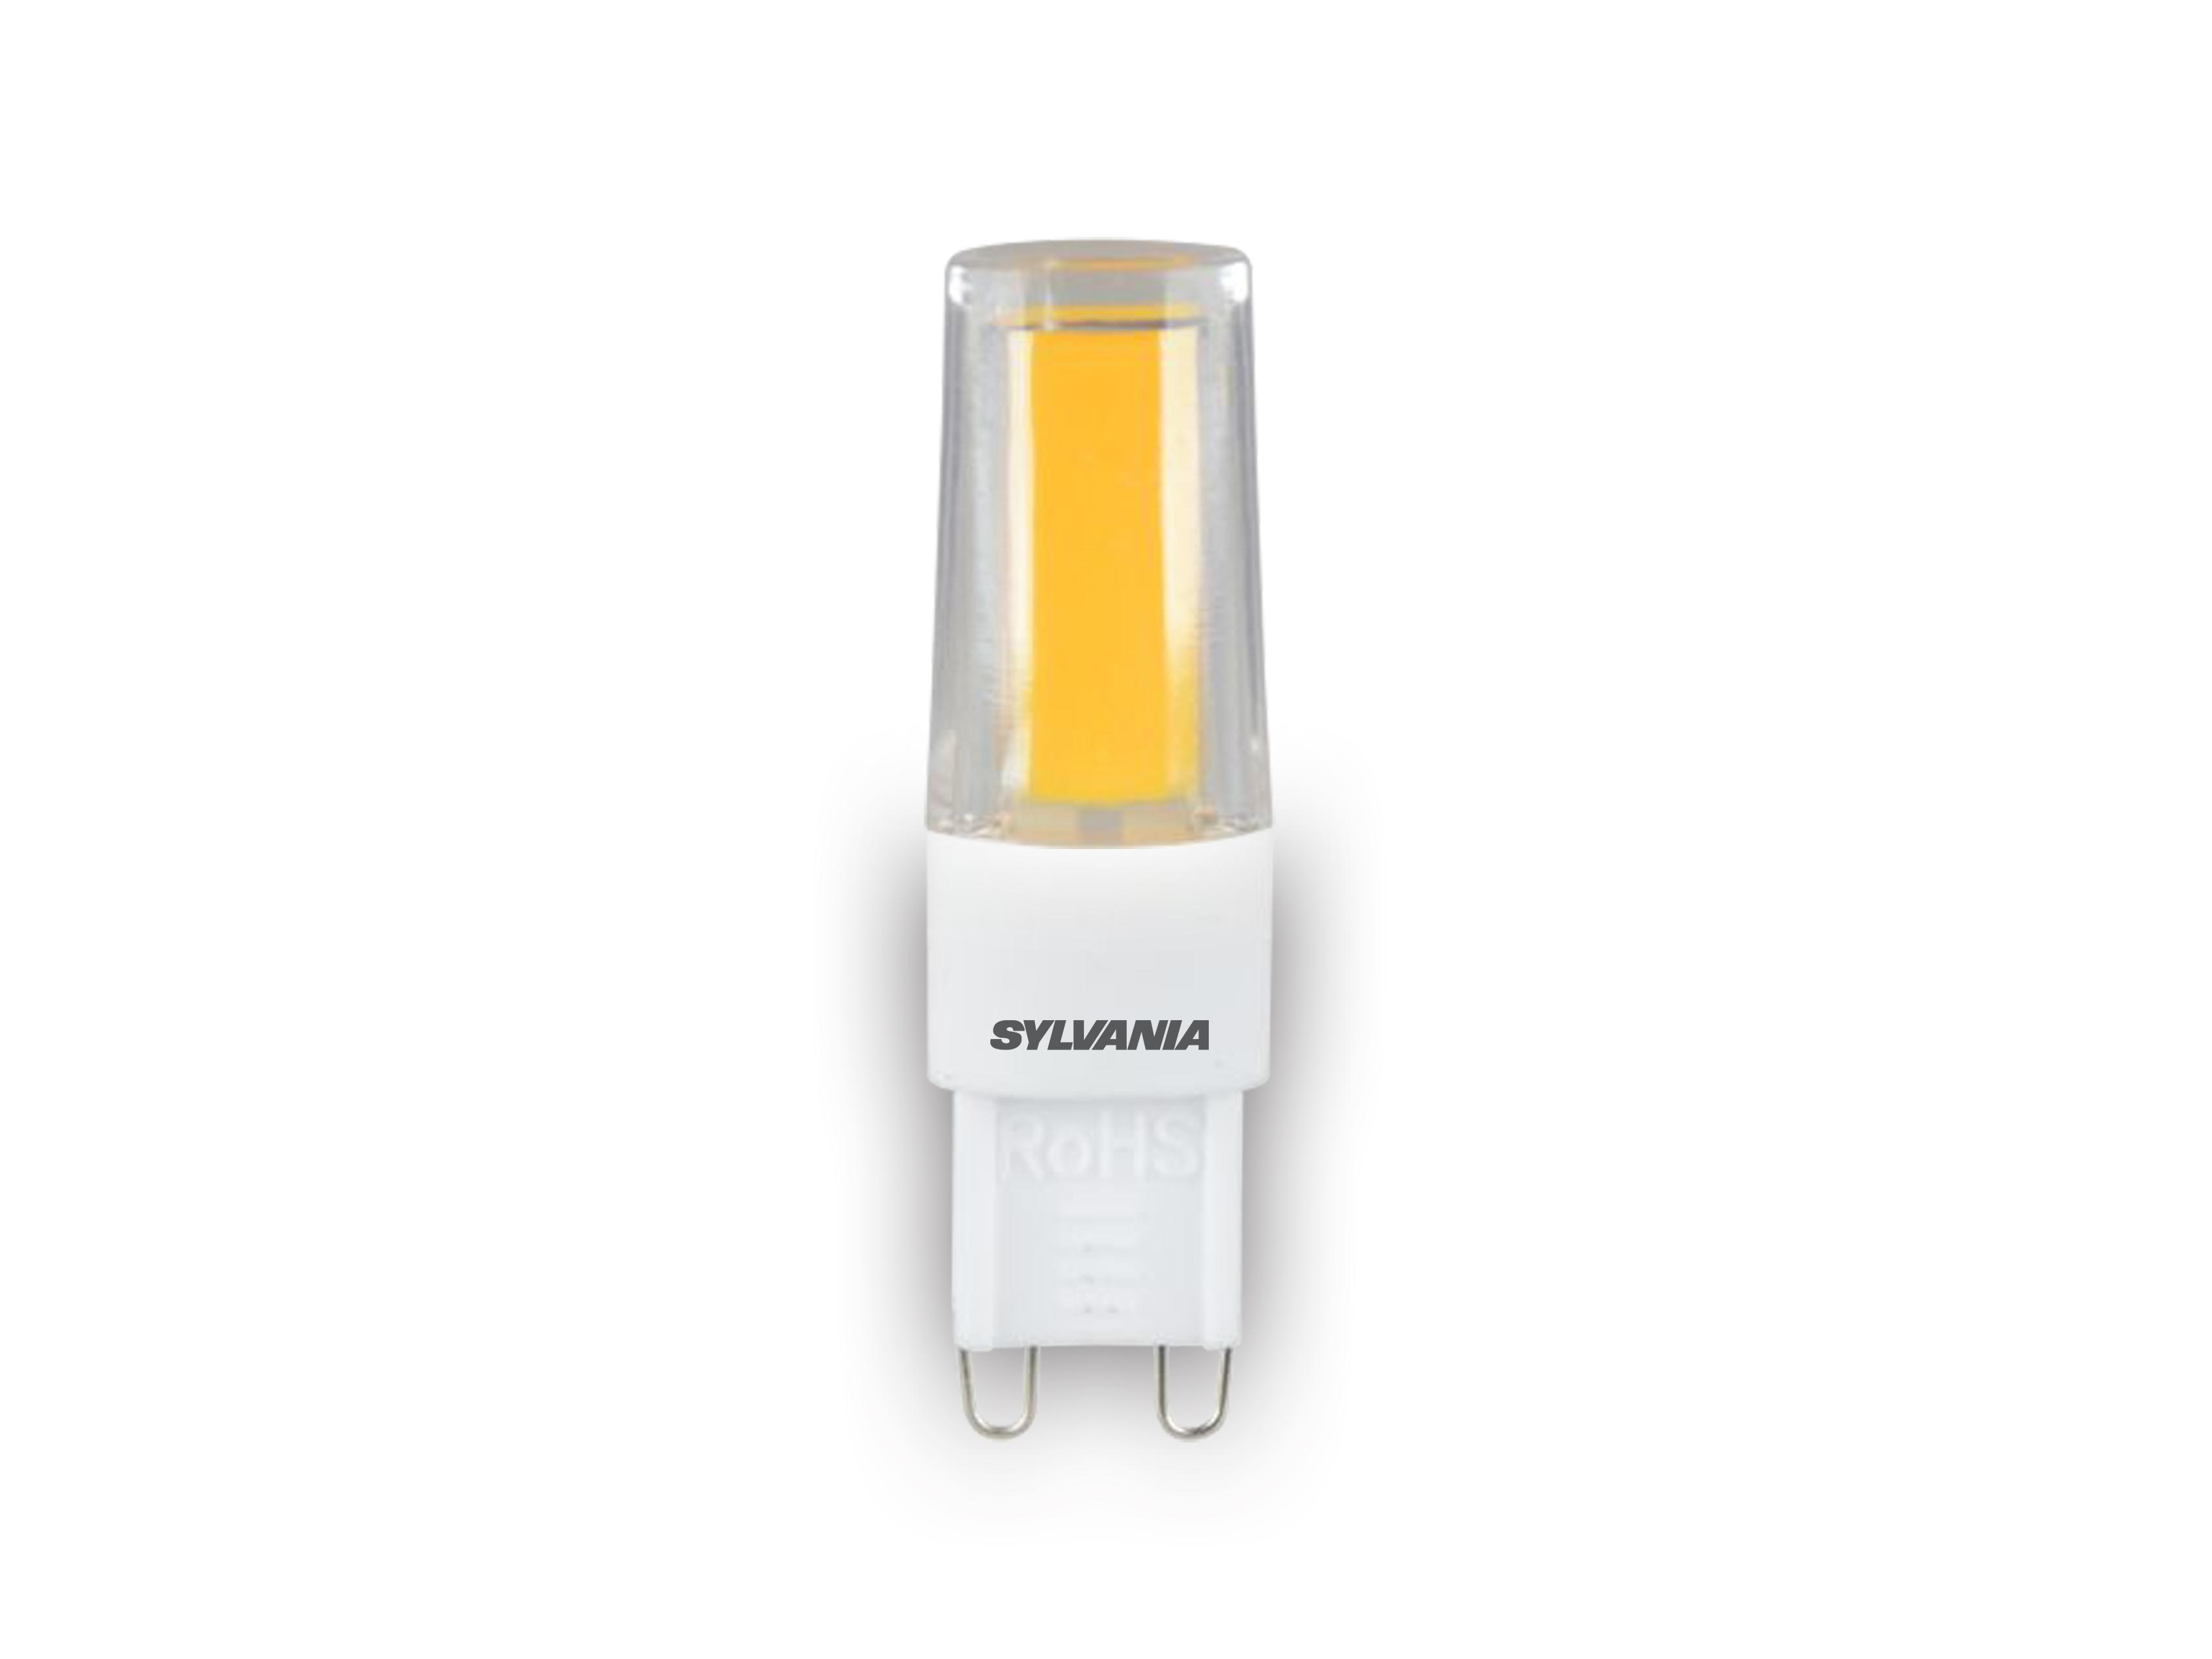 Sylvania toledo g9 3 5w 400lm 827 kl sl led lampe 1 stück eek: a